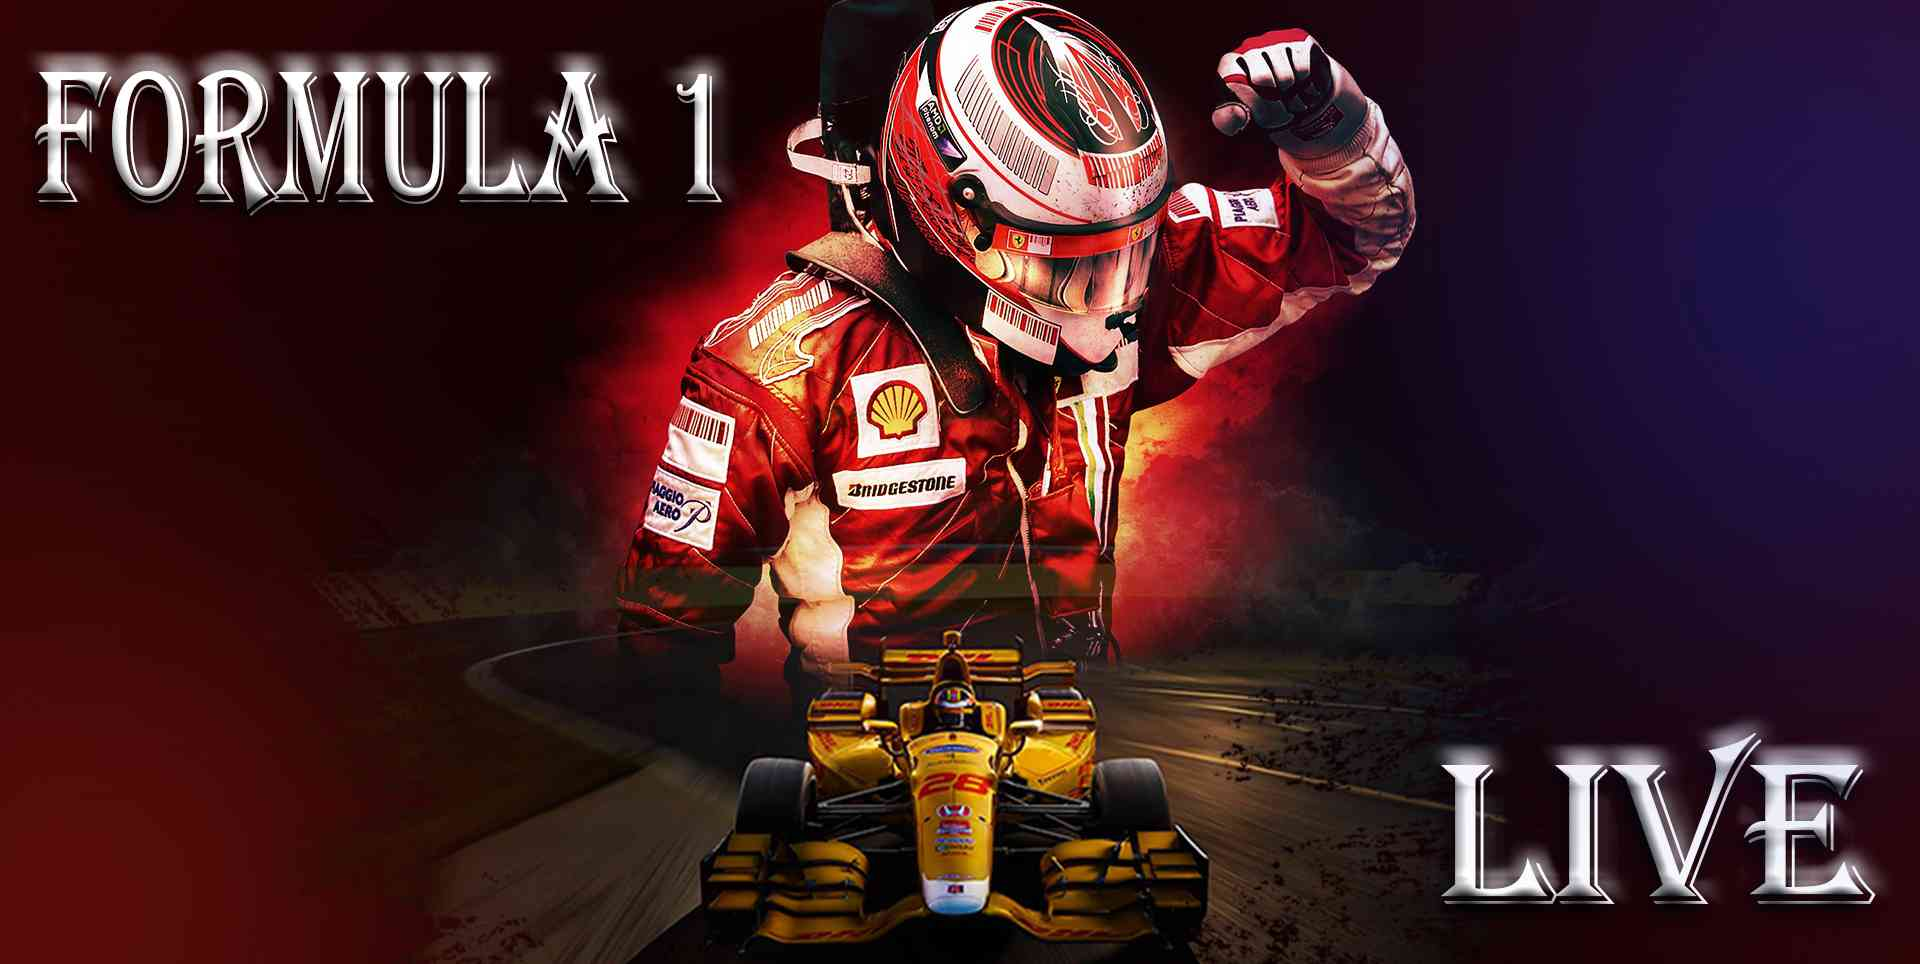 2015 Macau Grand Prix Formula 3 Online